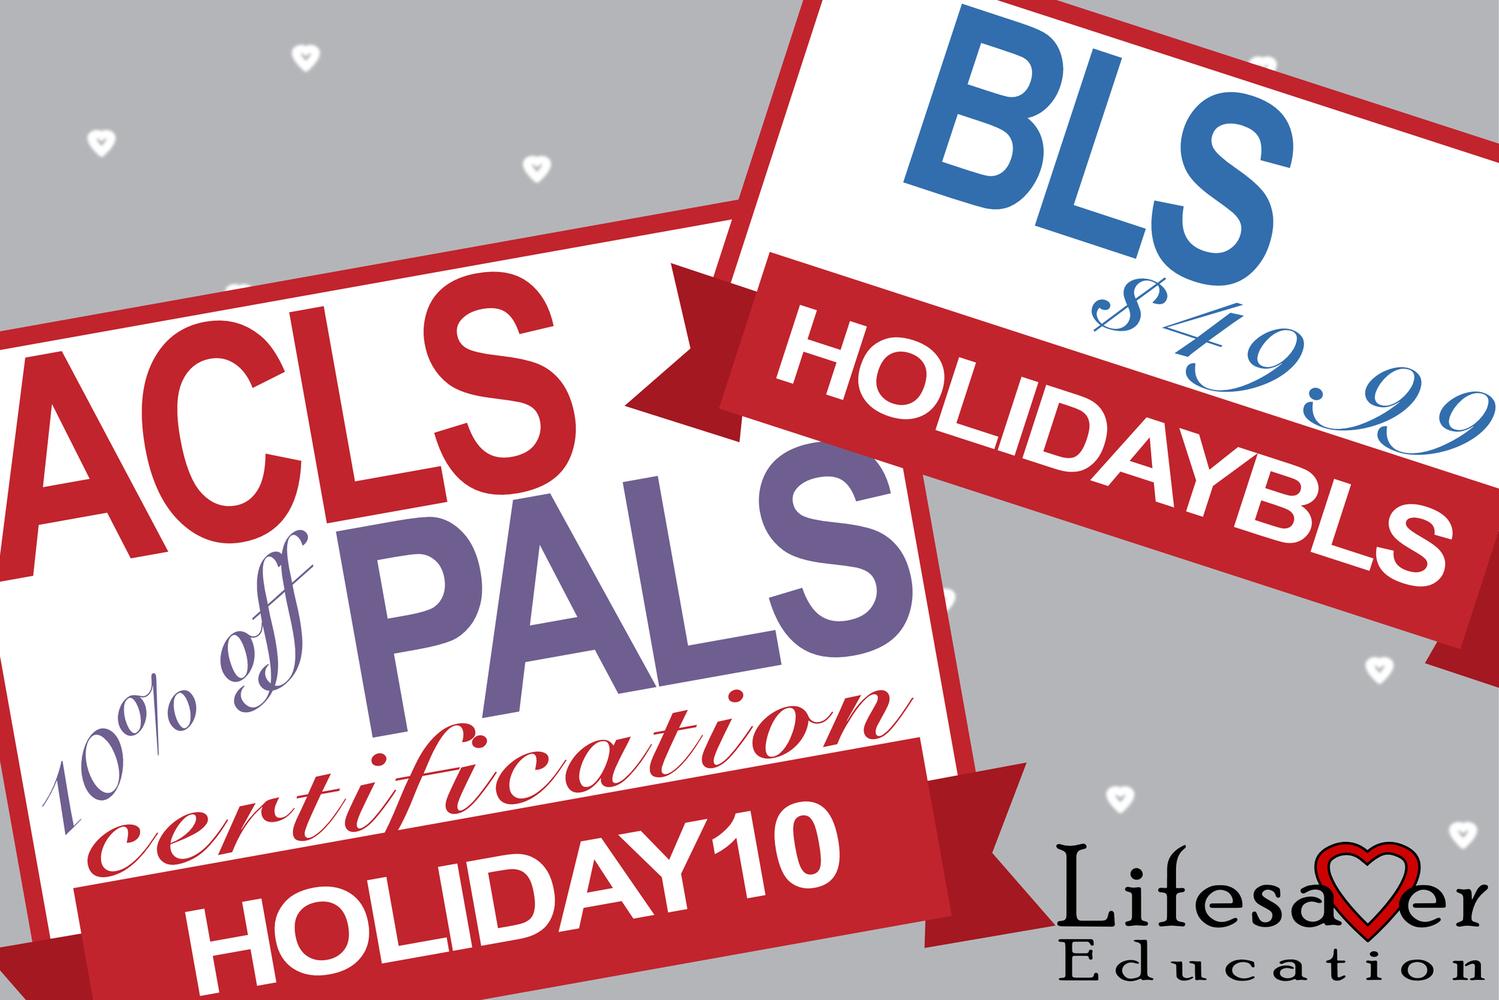 ACLS PALS BLS Promos 2018